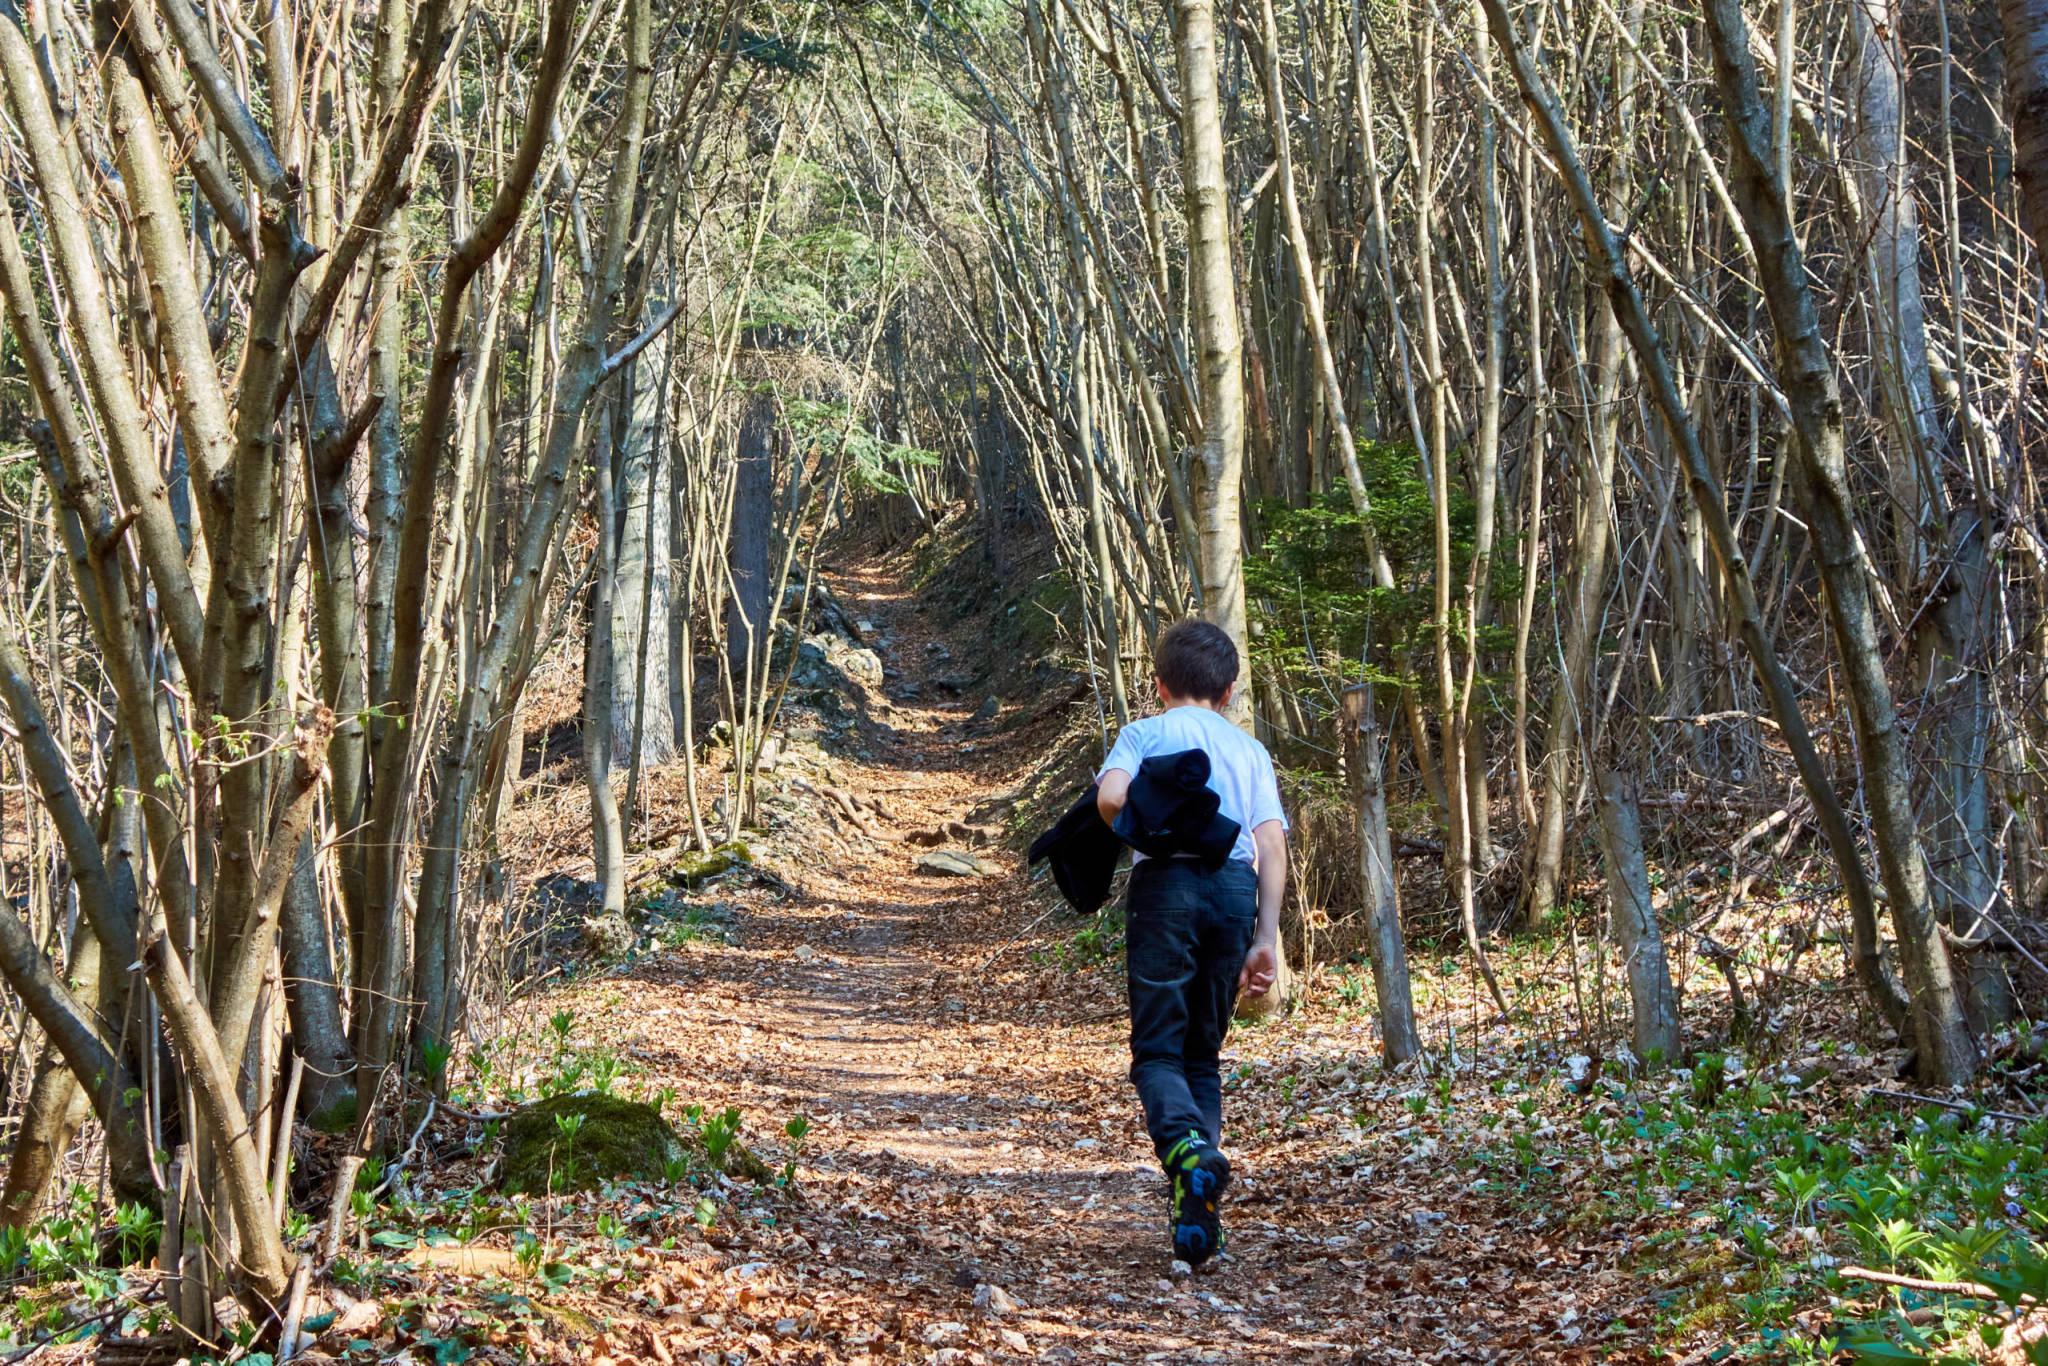 Zu Beginn führt der Weg noch recht beschaulich durch den Wald.